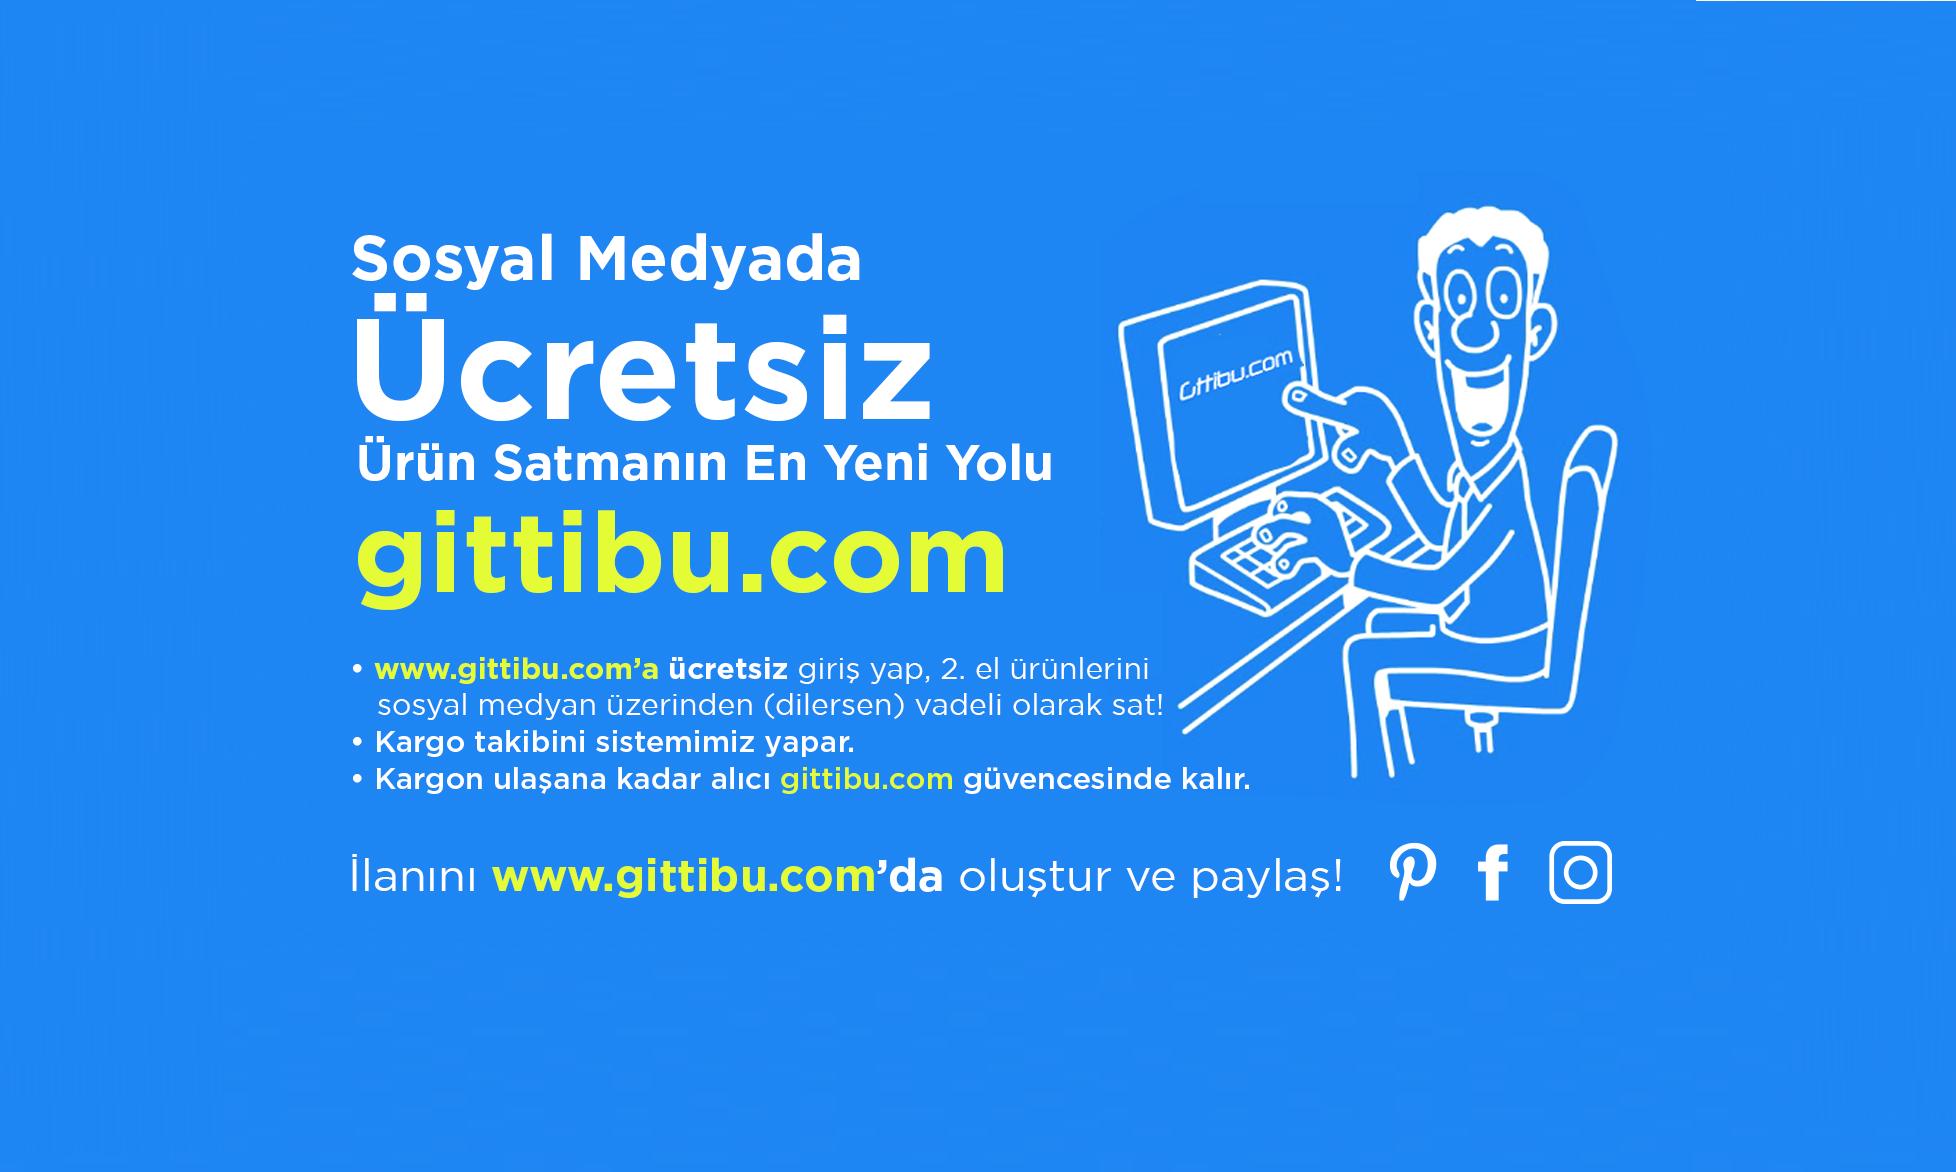 İkinci El Ürün Satış Platformu: Gittibu.com